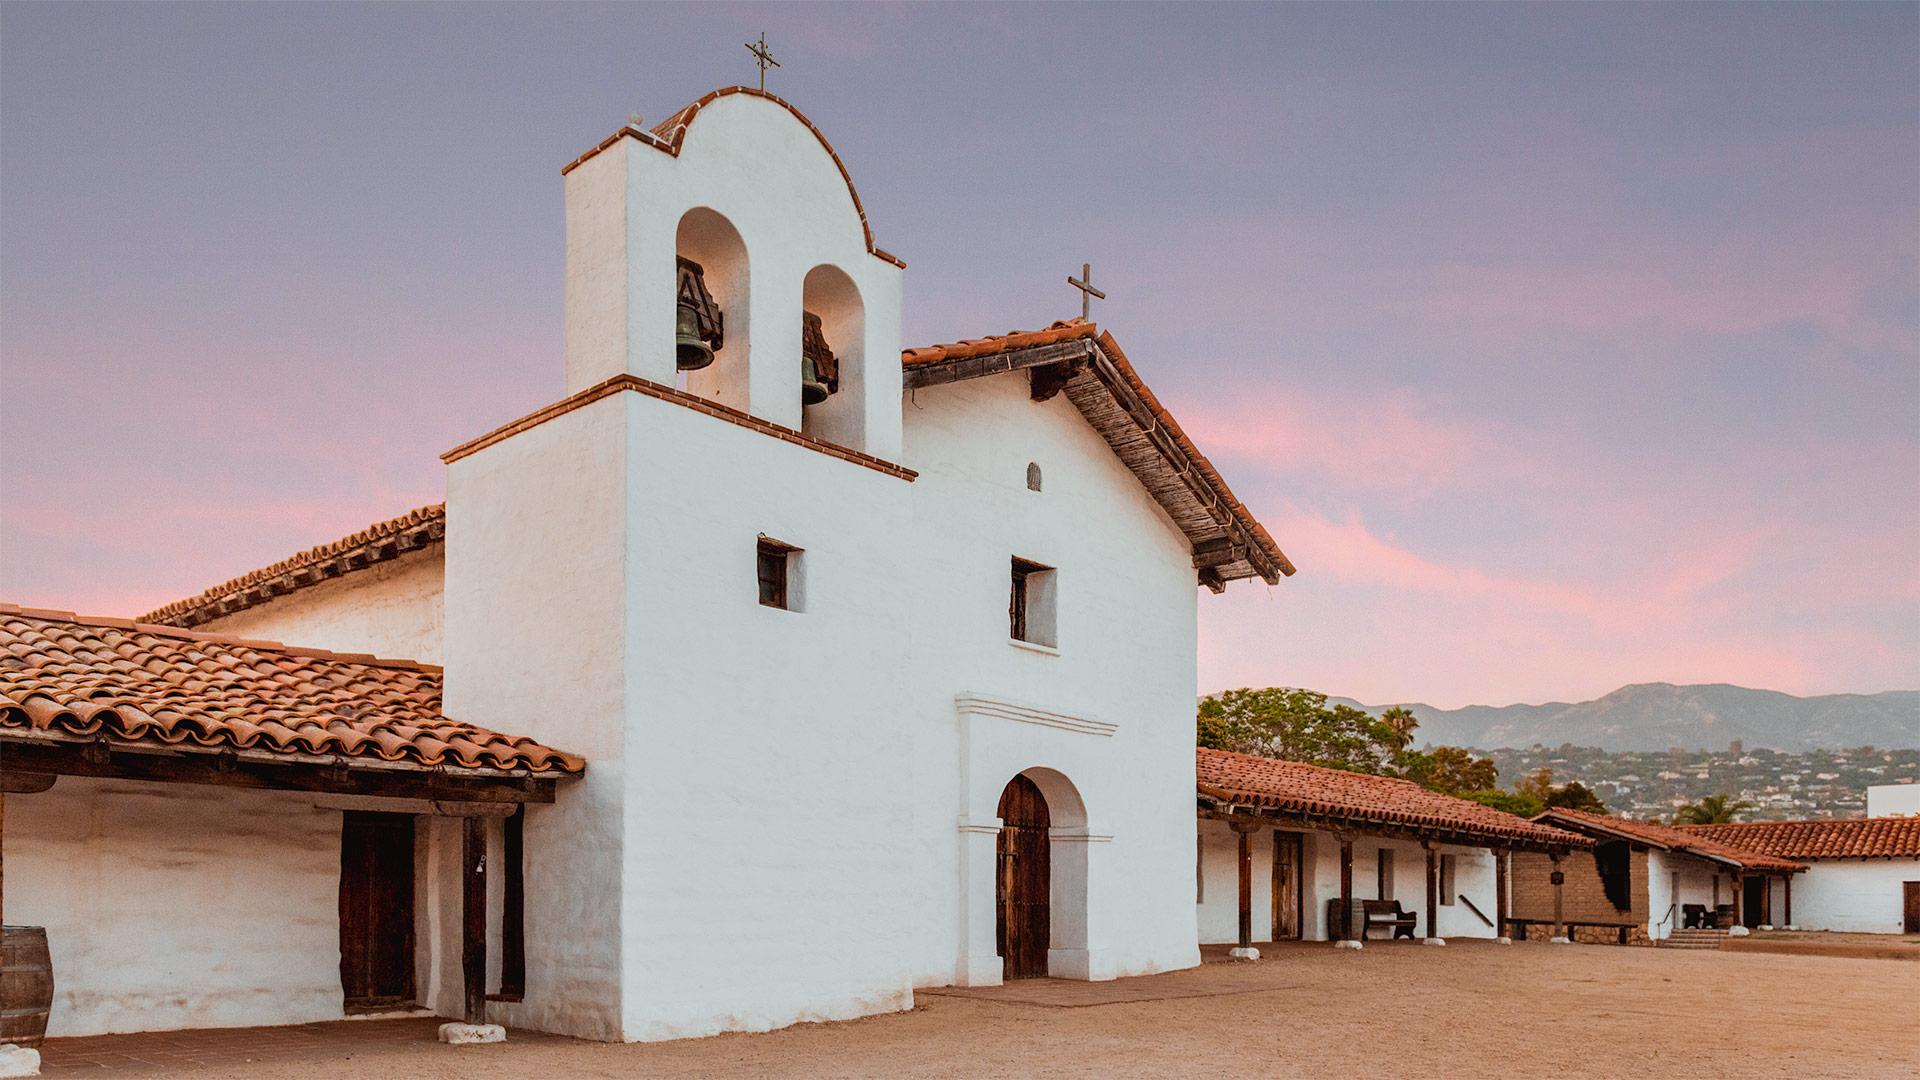 El_Presidio_de_Santa_Barbara_State_Historic_Park.jpg